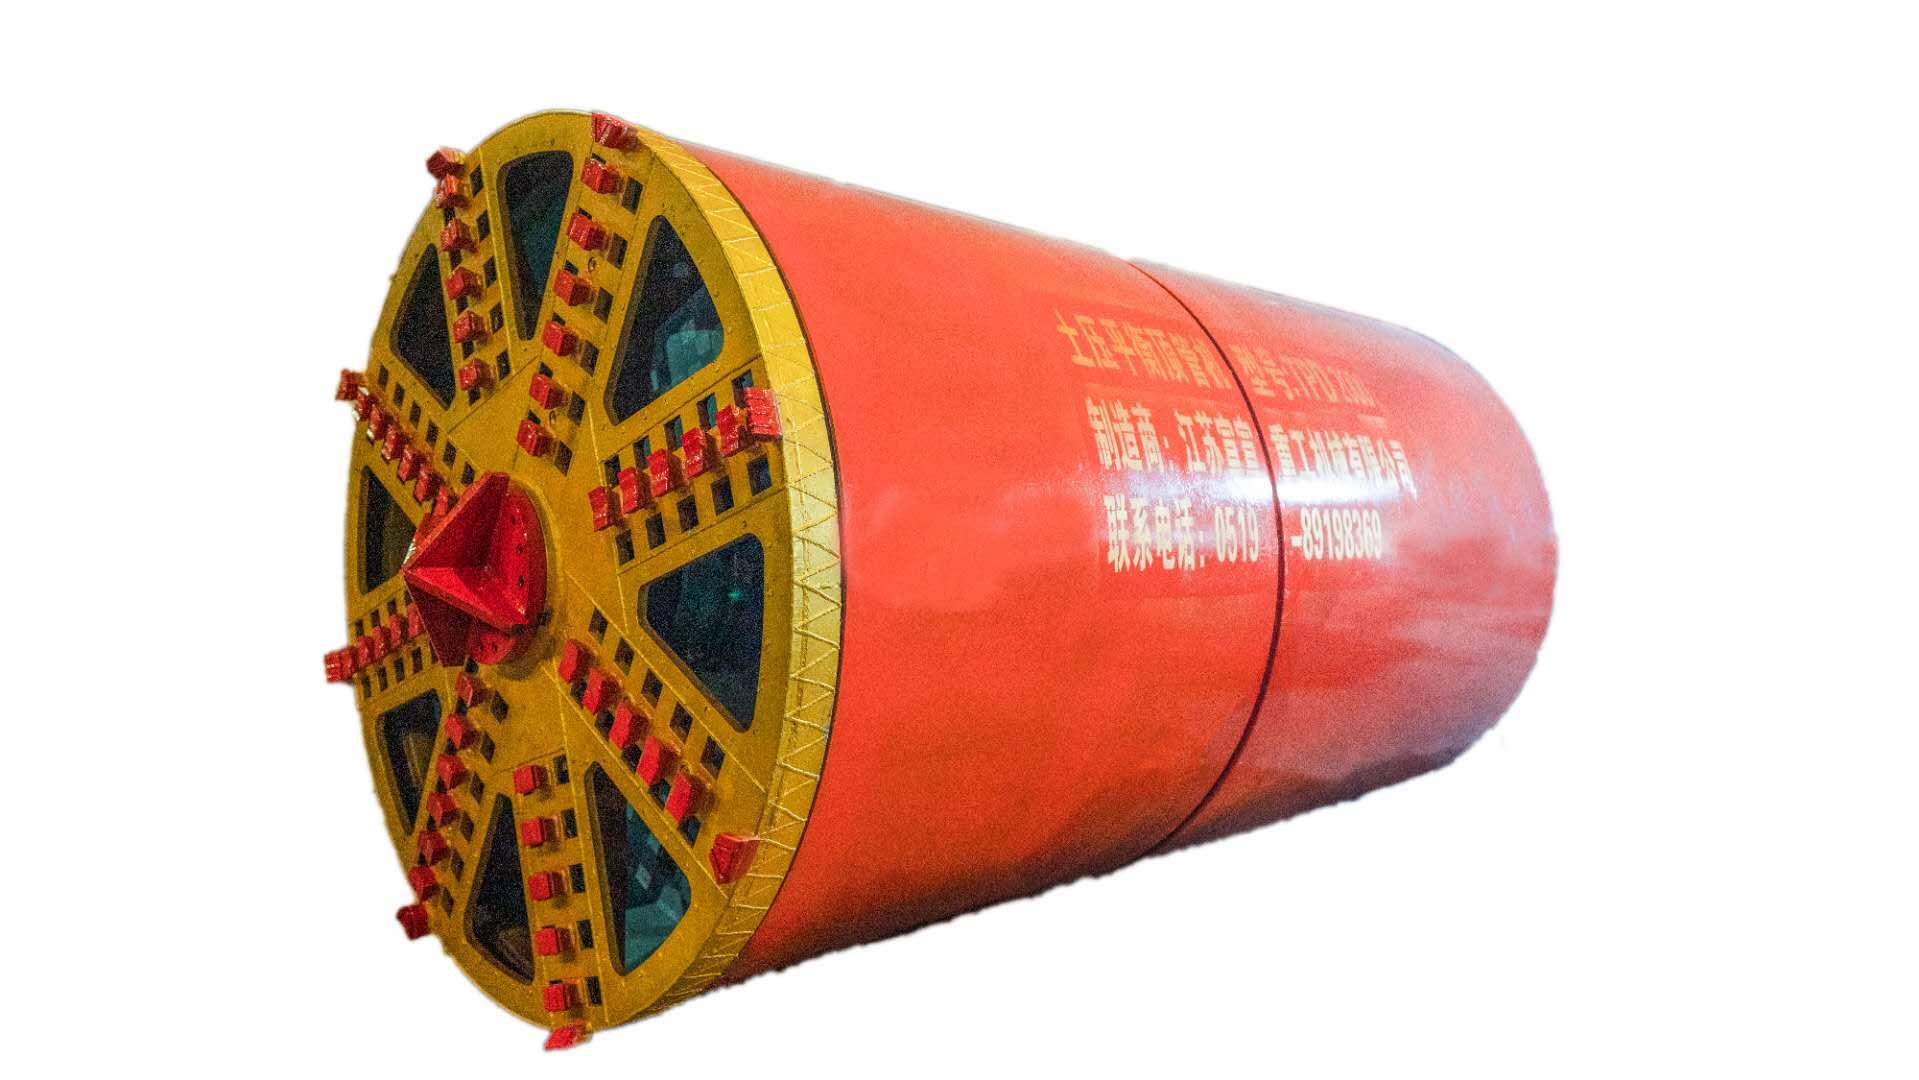 <h3>EPB Earth Pressure Balanced Pipe Jacking Machine</h3>